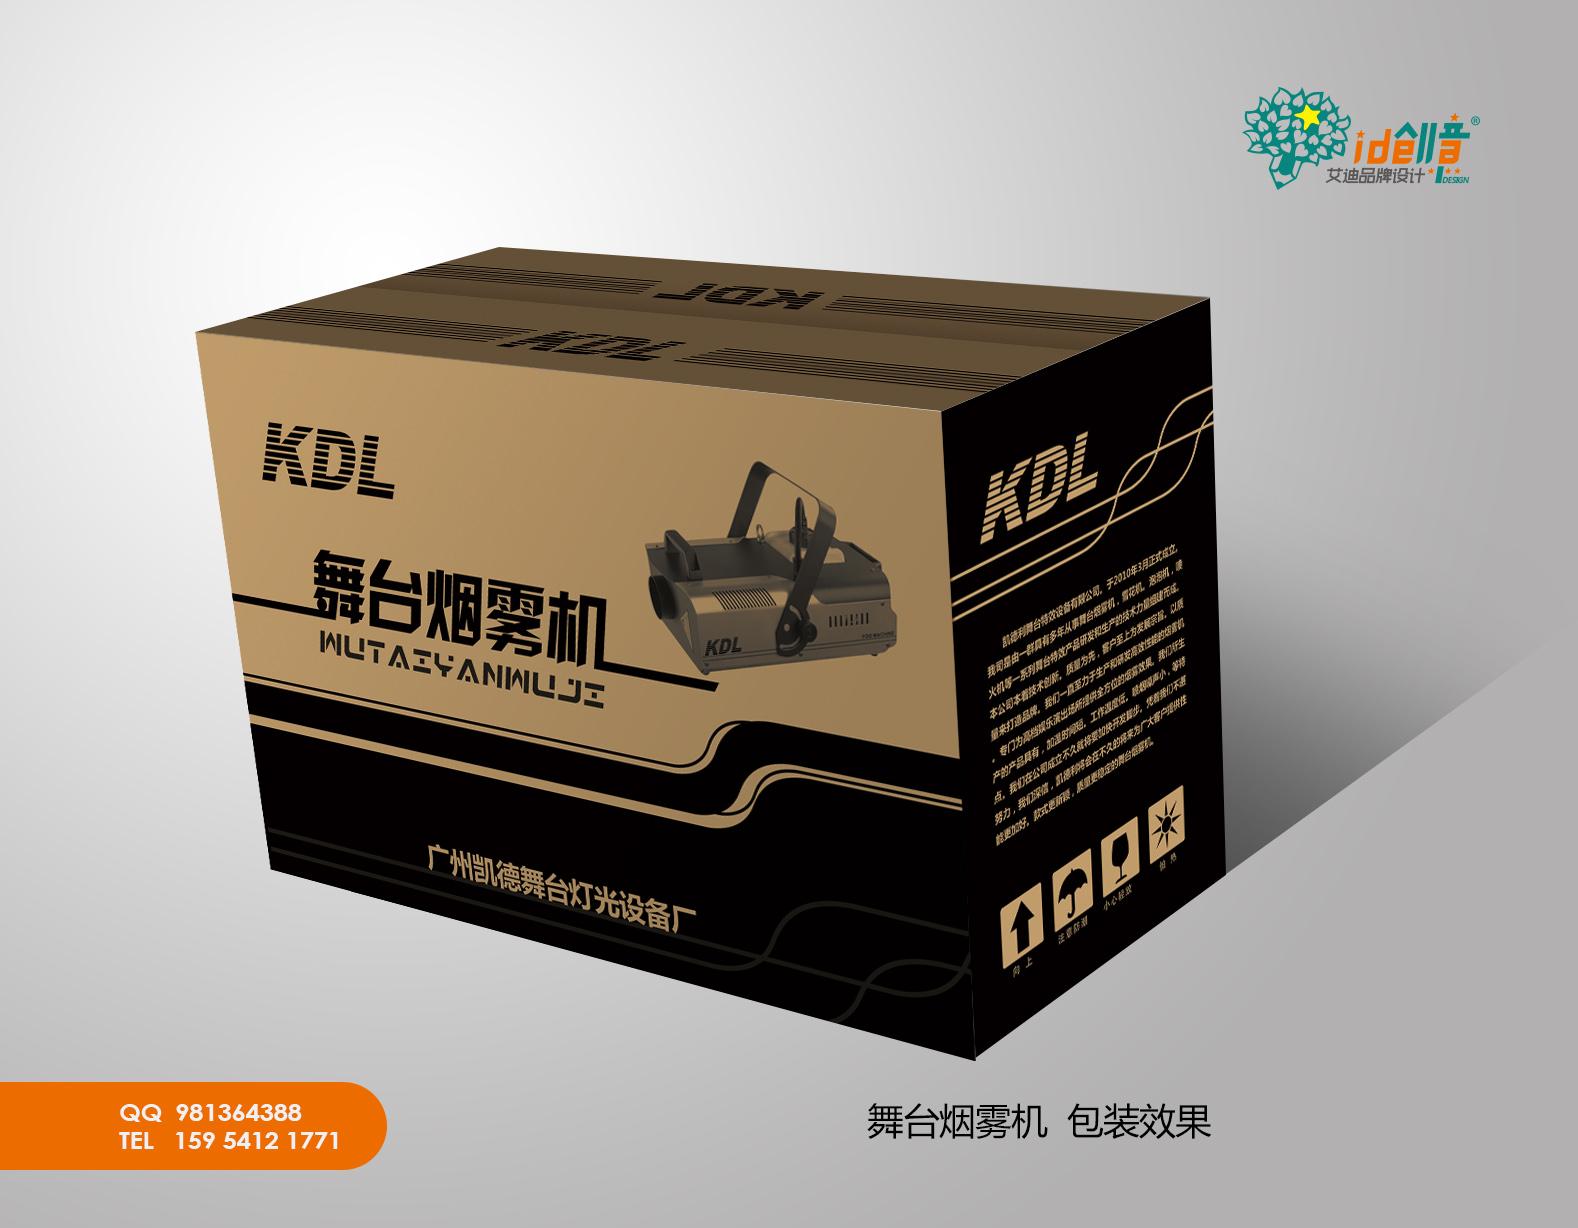 舞台烟雾机产品包装设计